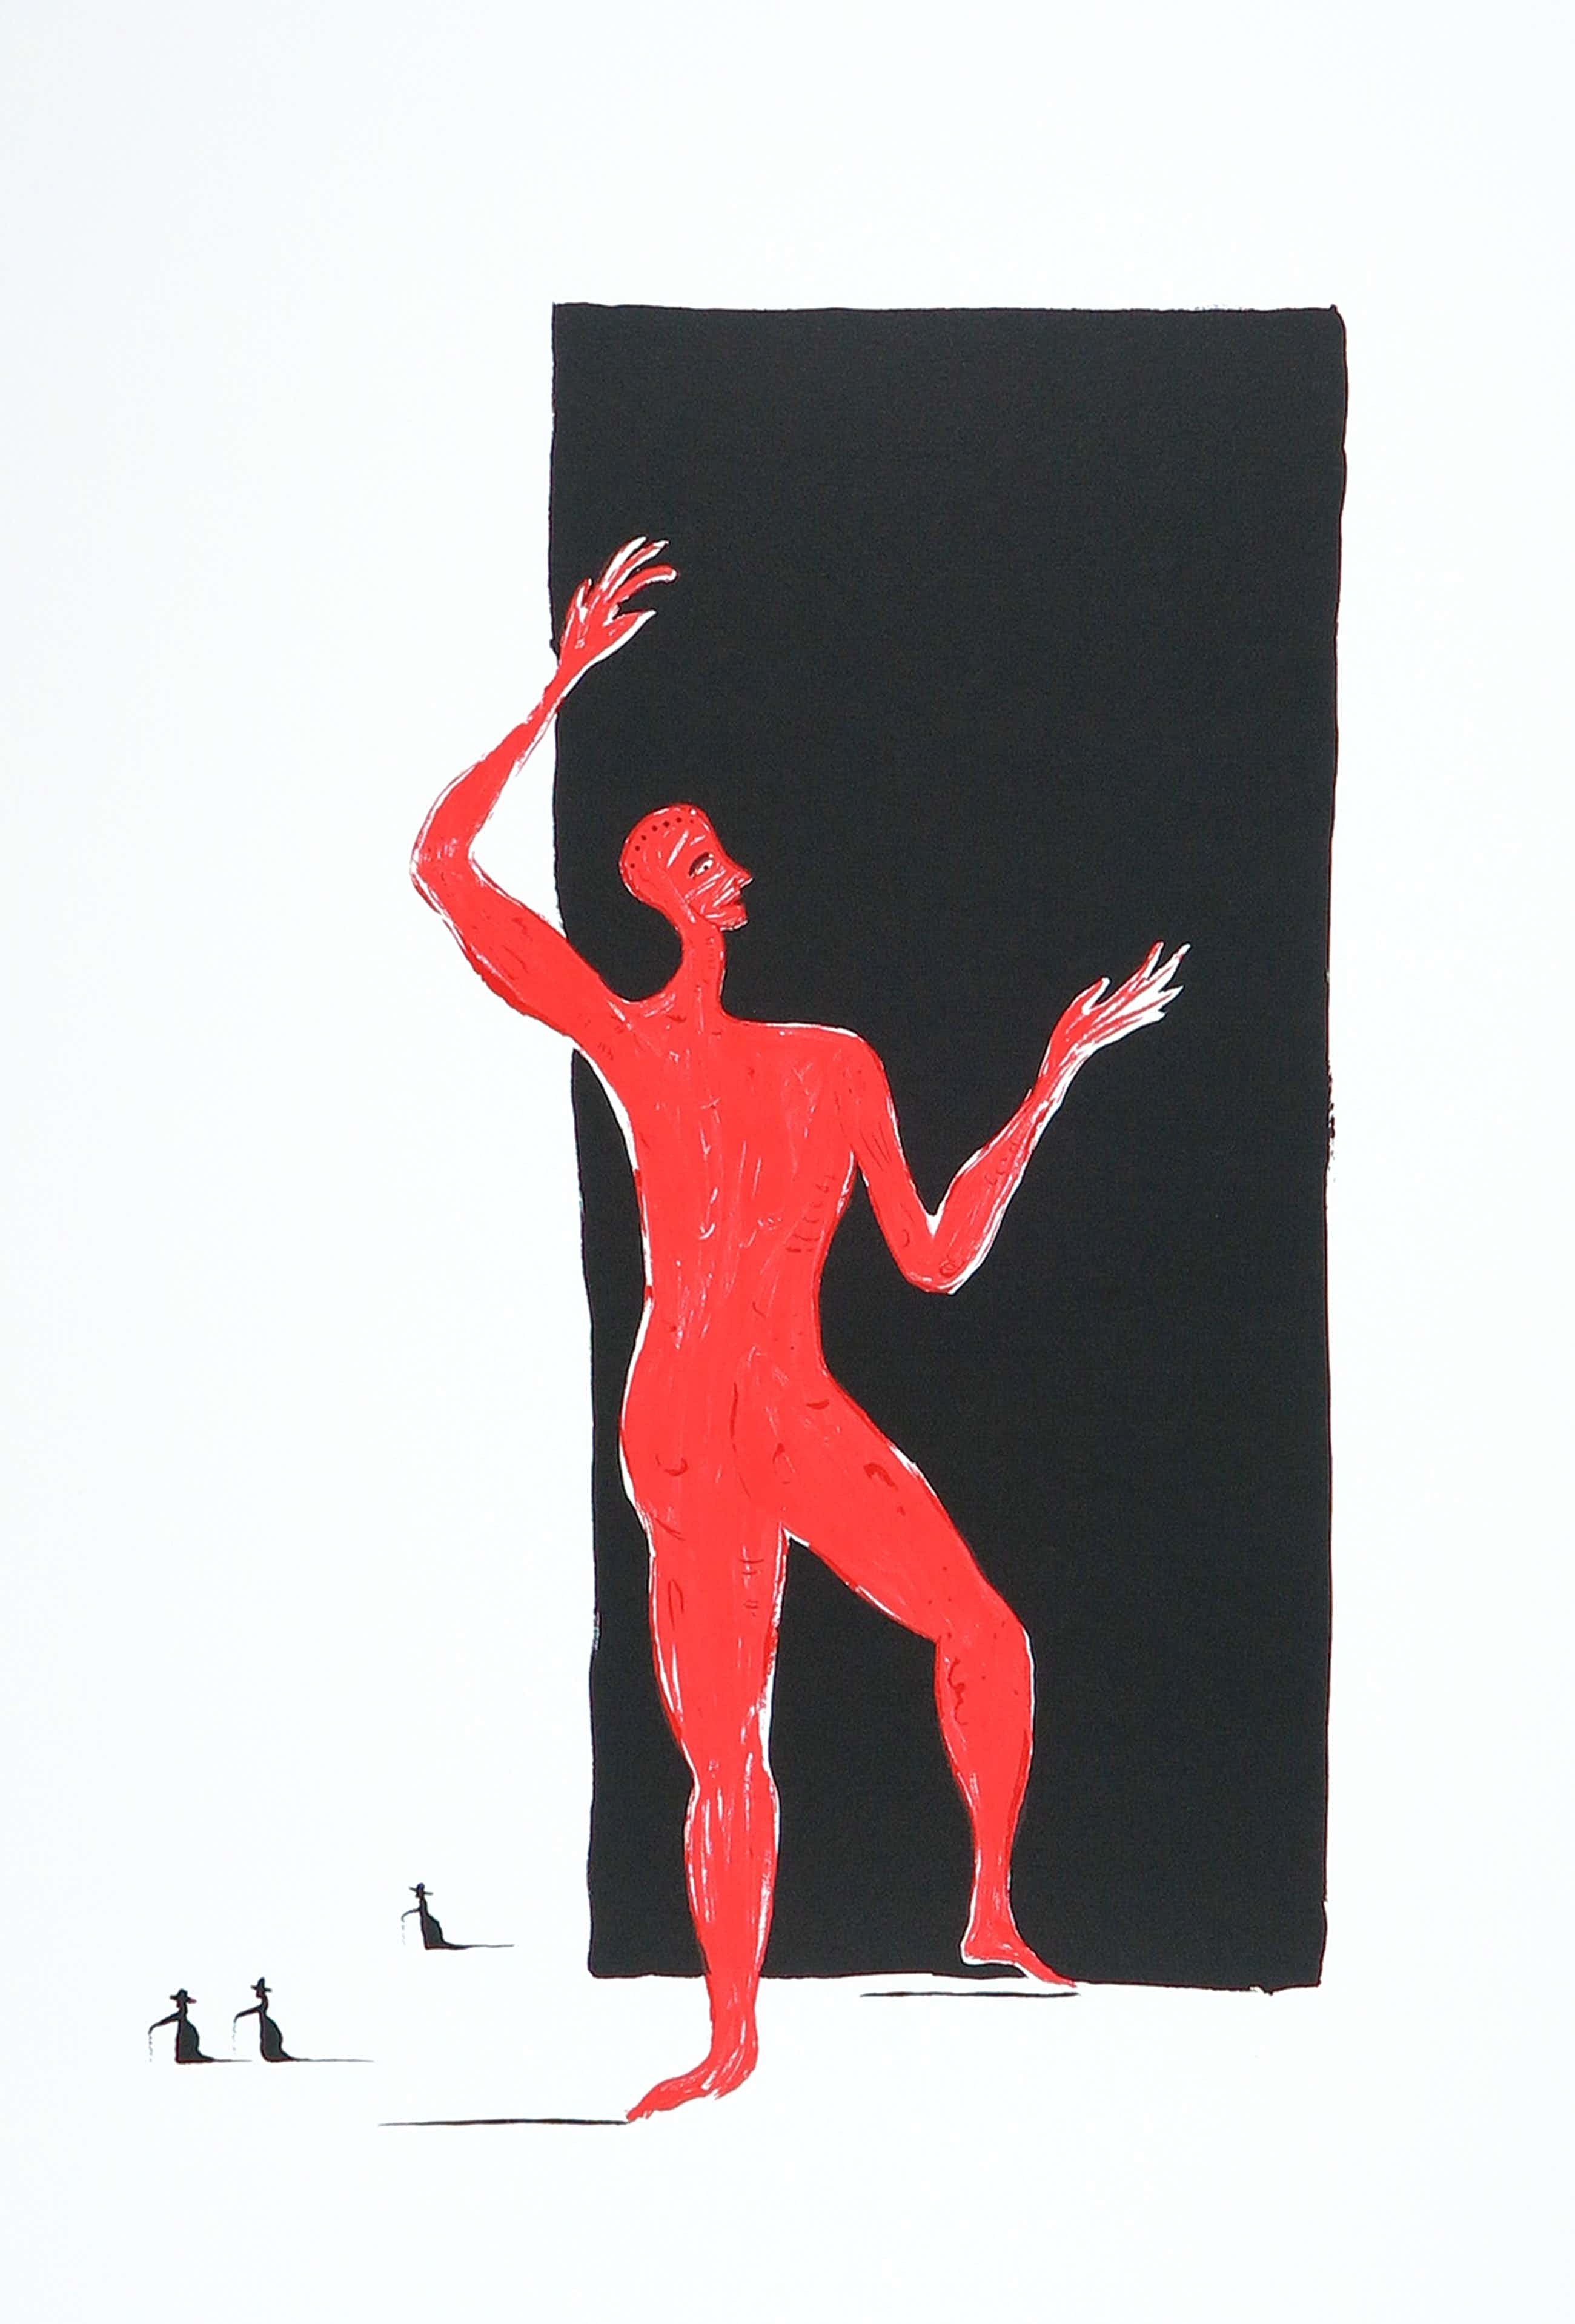 Henk Visch - Litho, Rood figuur kopen? Bied vanaf 80!